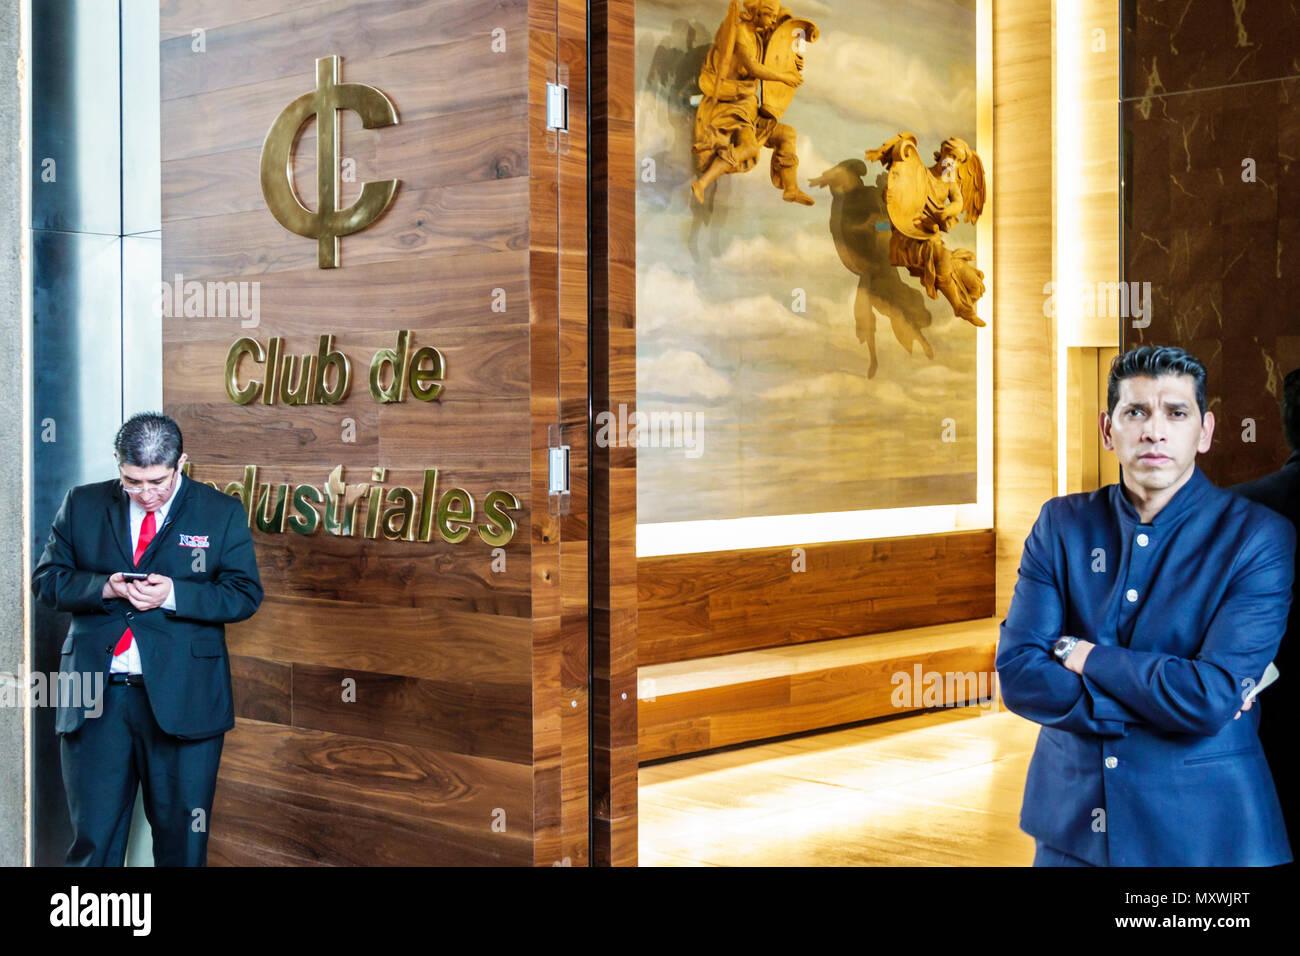 Mexico Mexico City Ciudad de Federal District Distrito DF D.F. CDMX Hispanic Mexican Polanco JW Marriott hotel Club de Industriales Industrialists Club private club members-only entrance doorman North America American - Stock Image